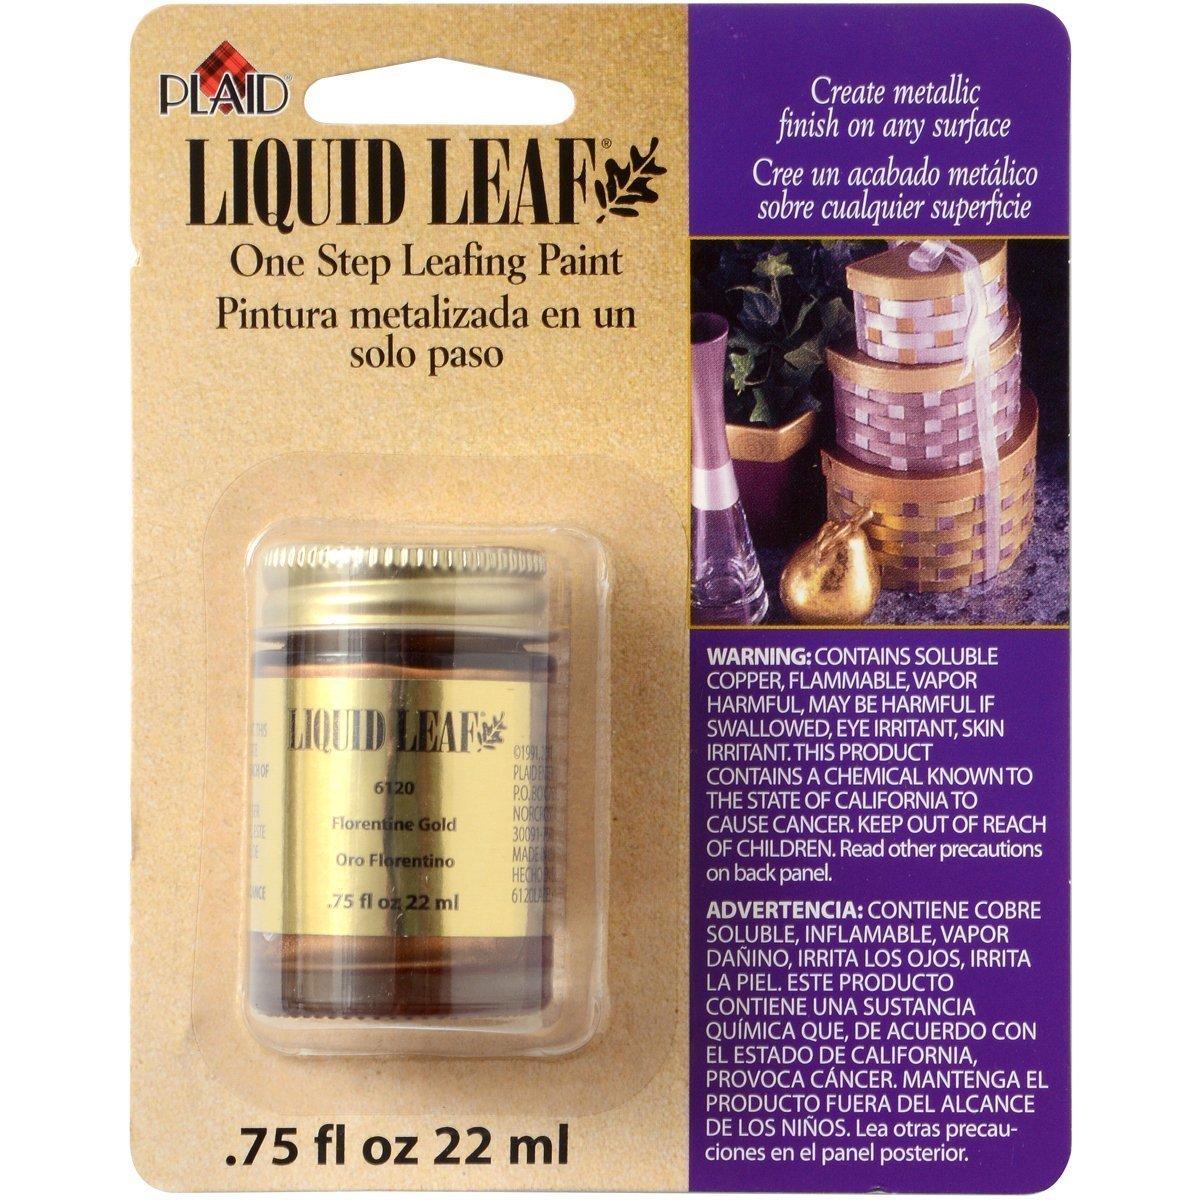 Liquid Leaf Restoring Metallic Paint Florentine Gold 3/4 Oz